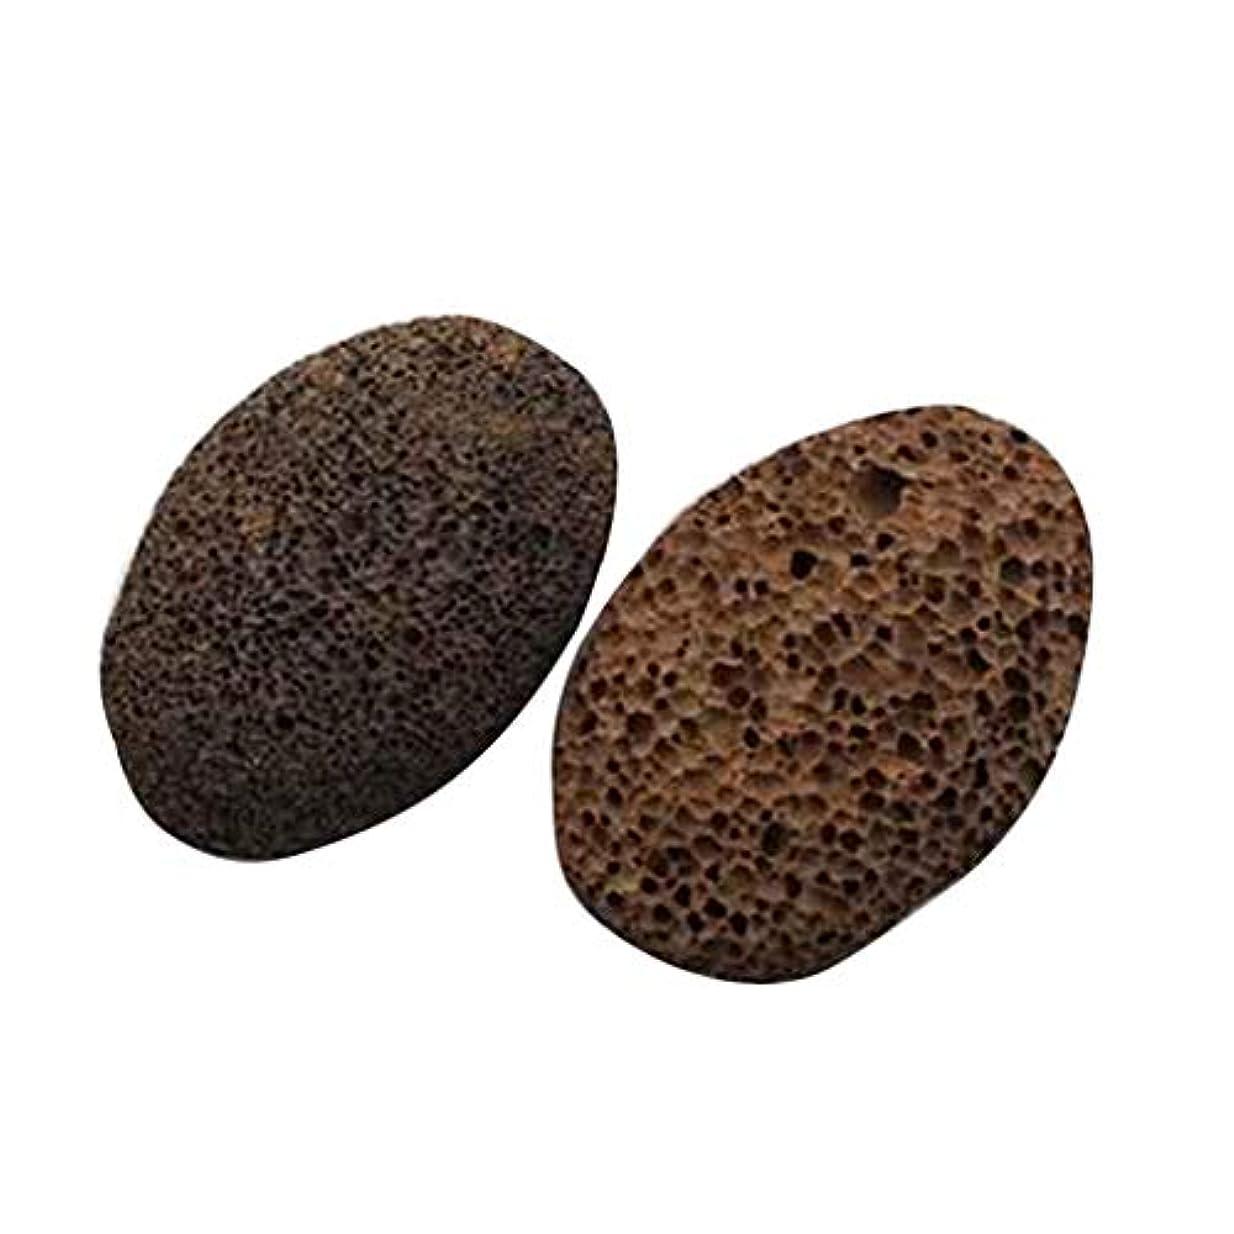 書く識字参加するVonarly ワイプ足石 死んだ皮軽石を取り除き 足石を挽いて 自然の火山石を剥がします 足マッサージ石 2個セット